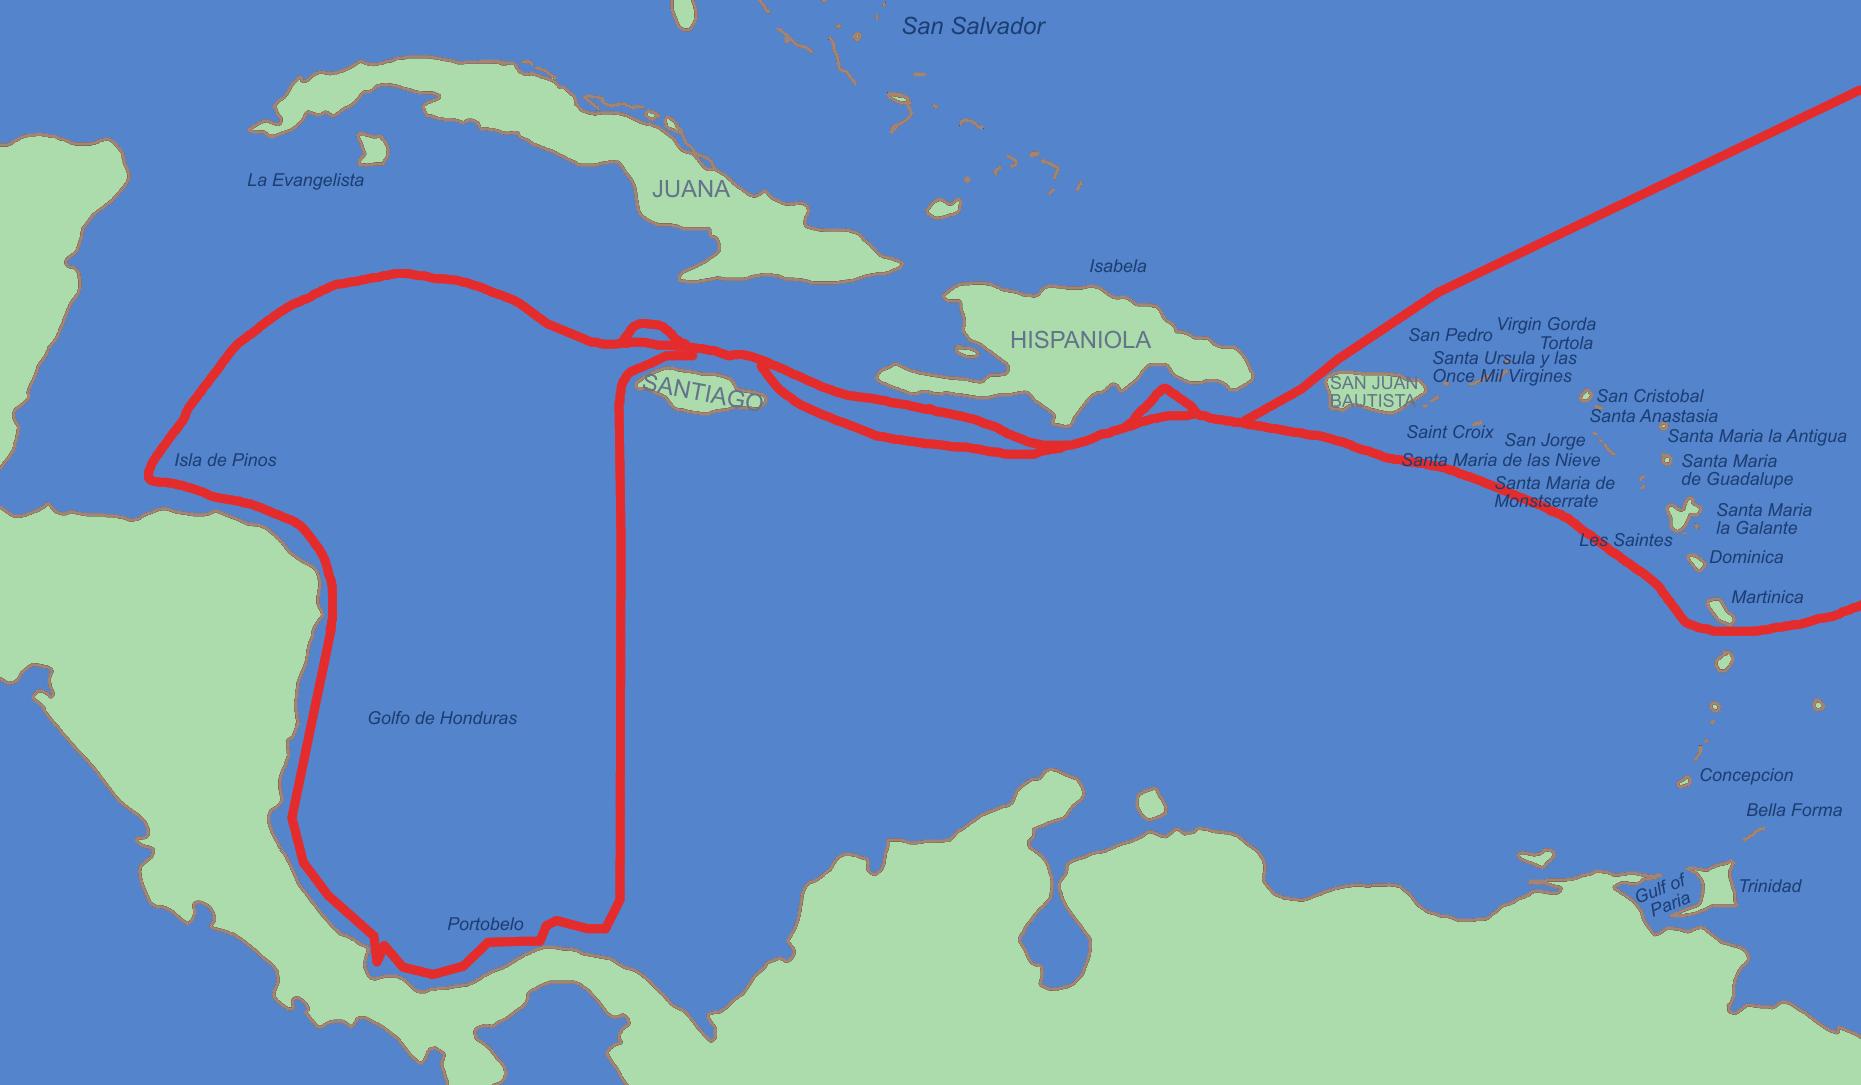 Cuarto viaje de Cristóbal Colón en 1502